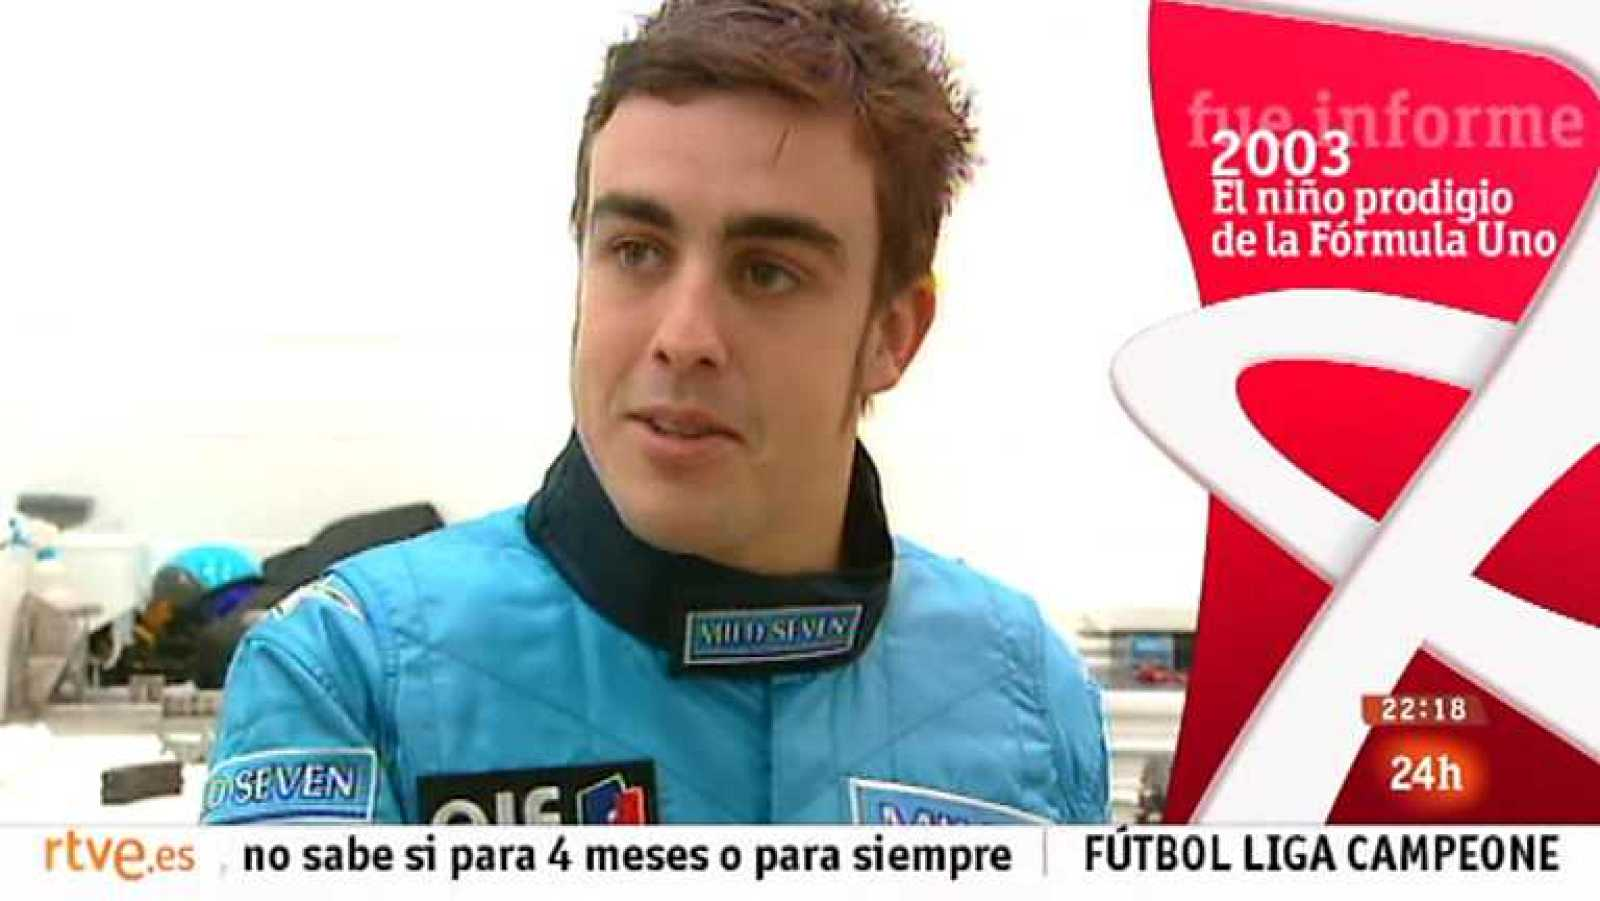 Fue informe - El niño prodigio de la Fórmula Uno (2003) - Ver ahora